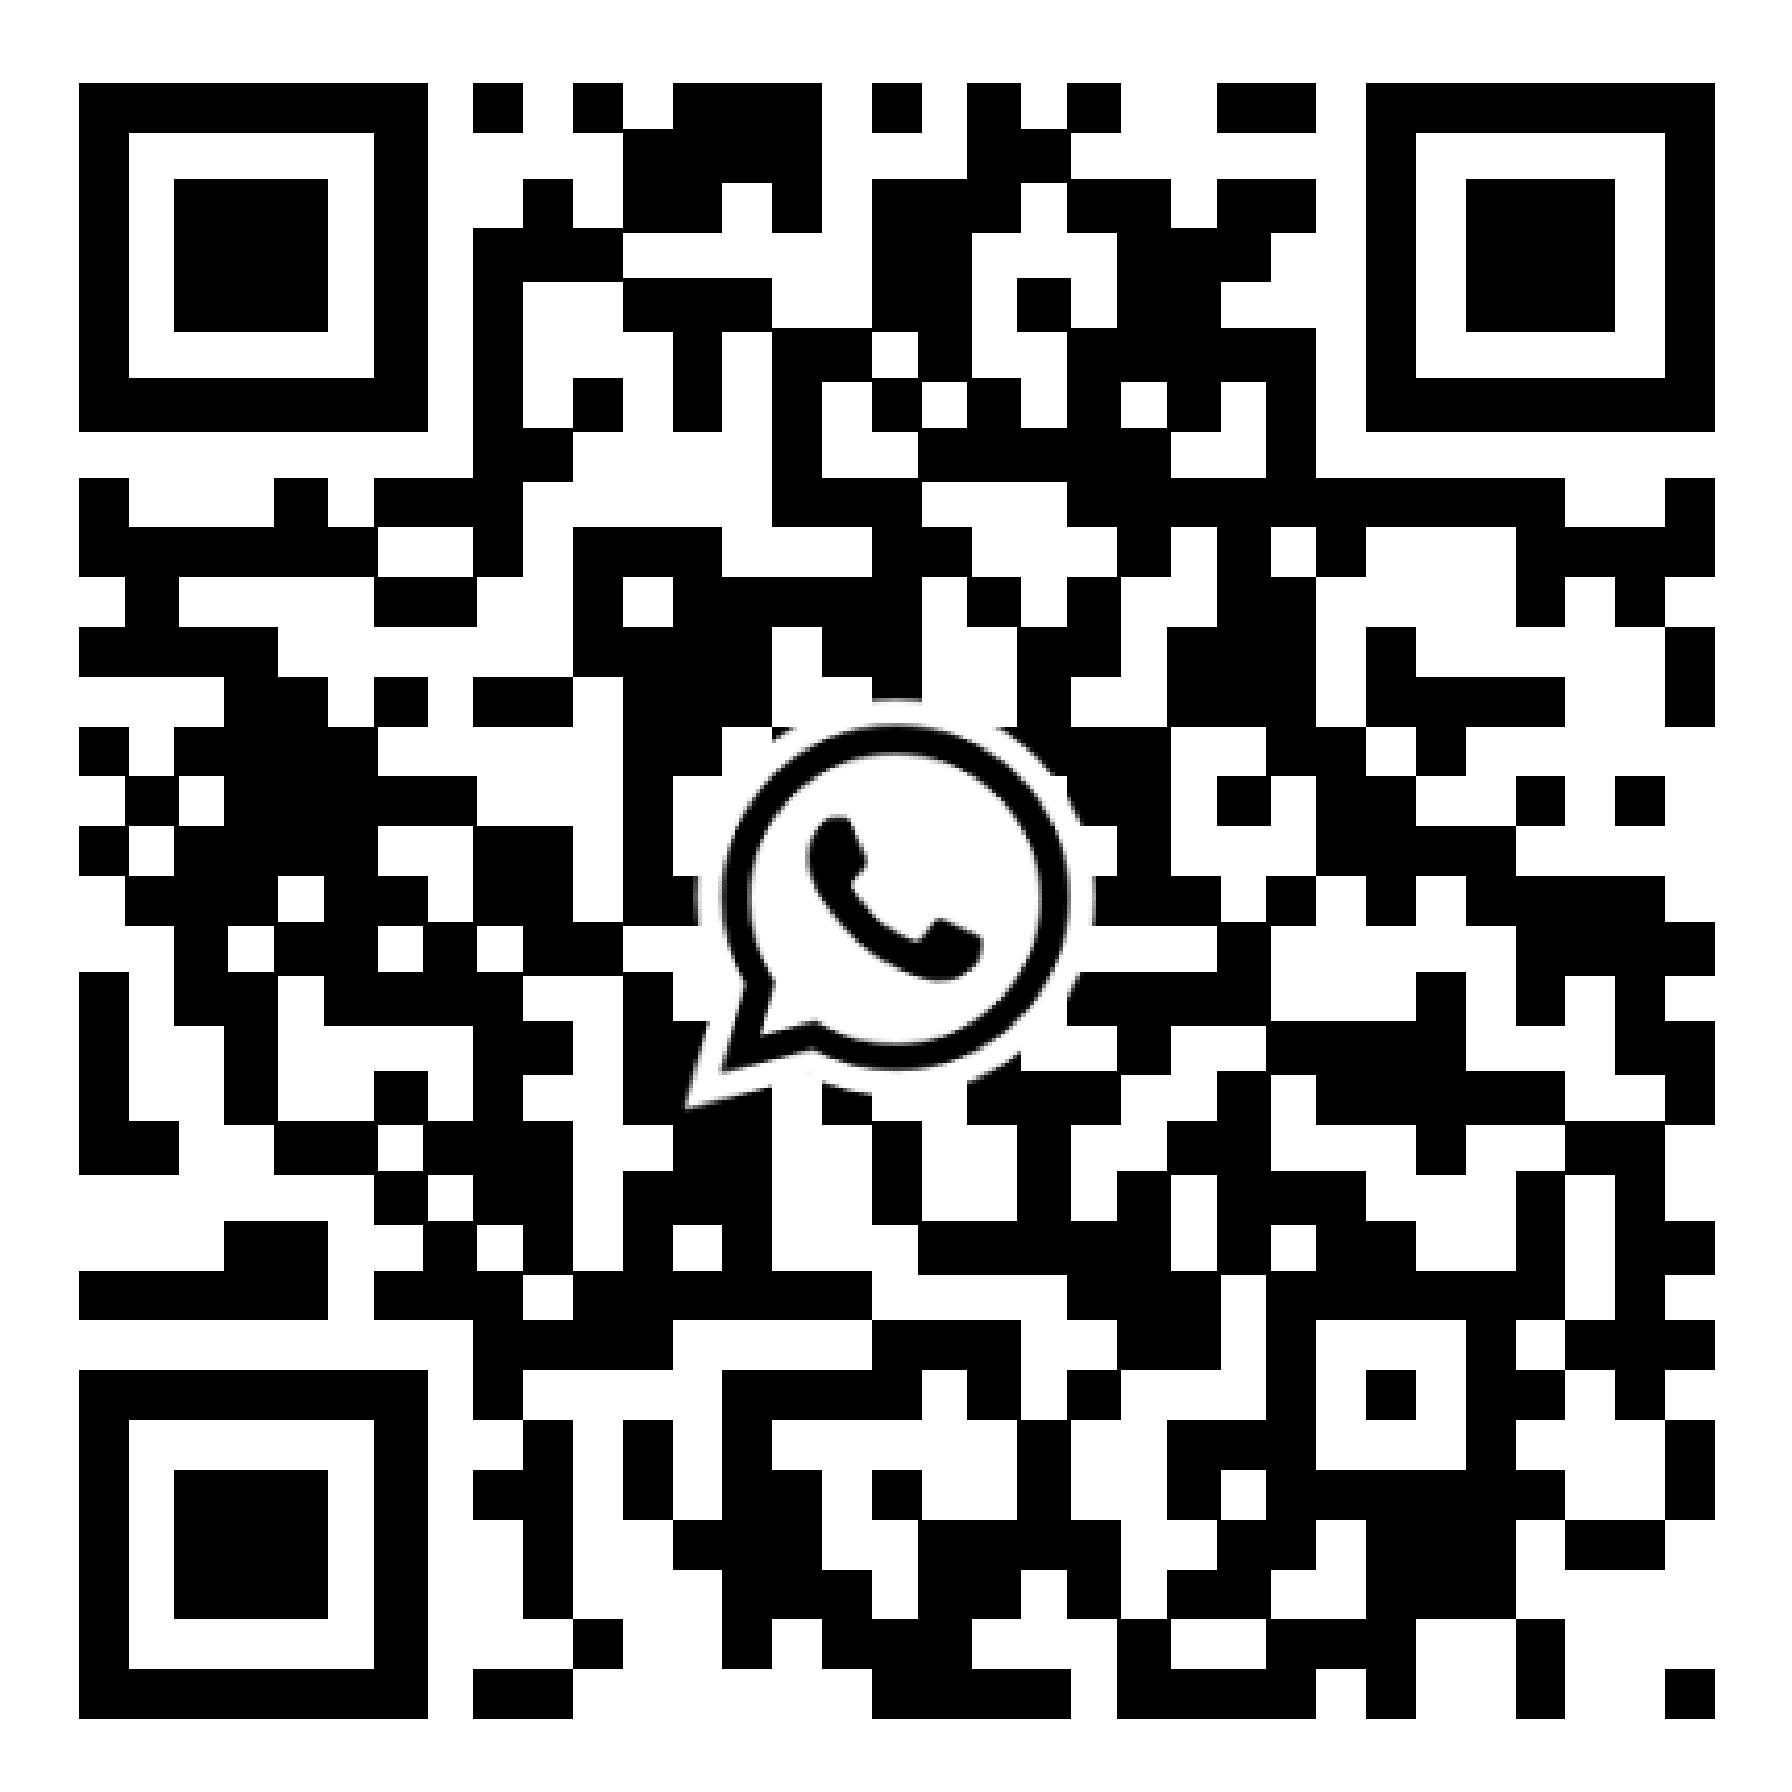 shared_qr_code-01